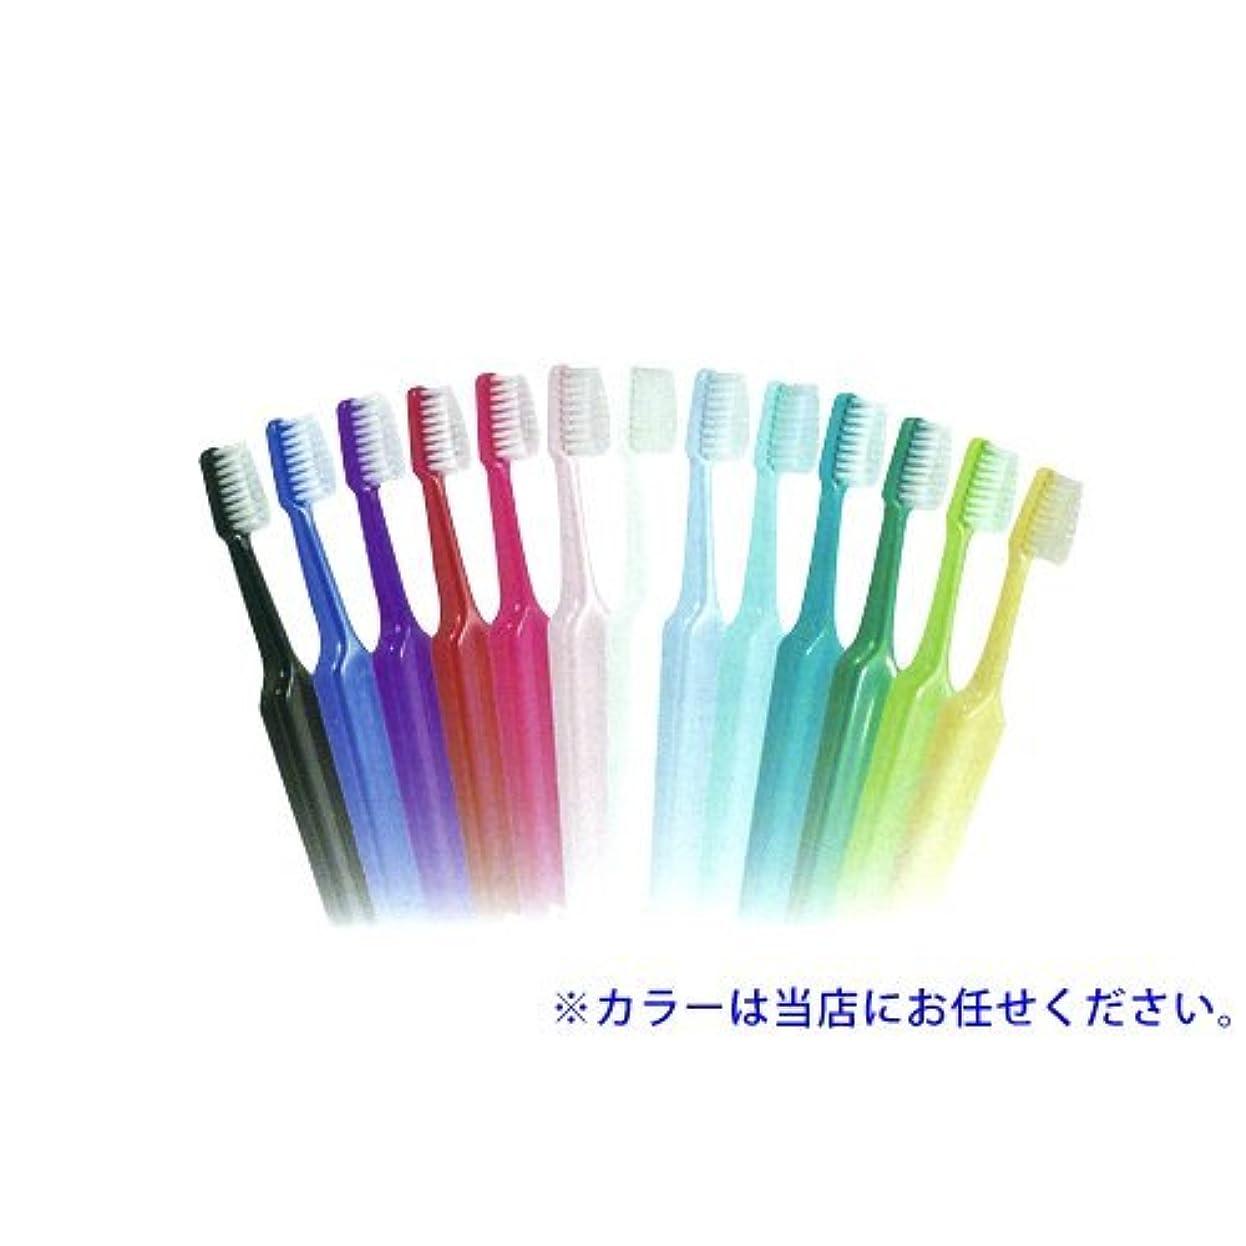 サンダル奨励香水クロスフィールド TePe テペ セレクト 歯ブラシ 1本 エクストラソフト